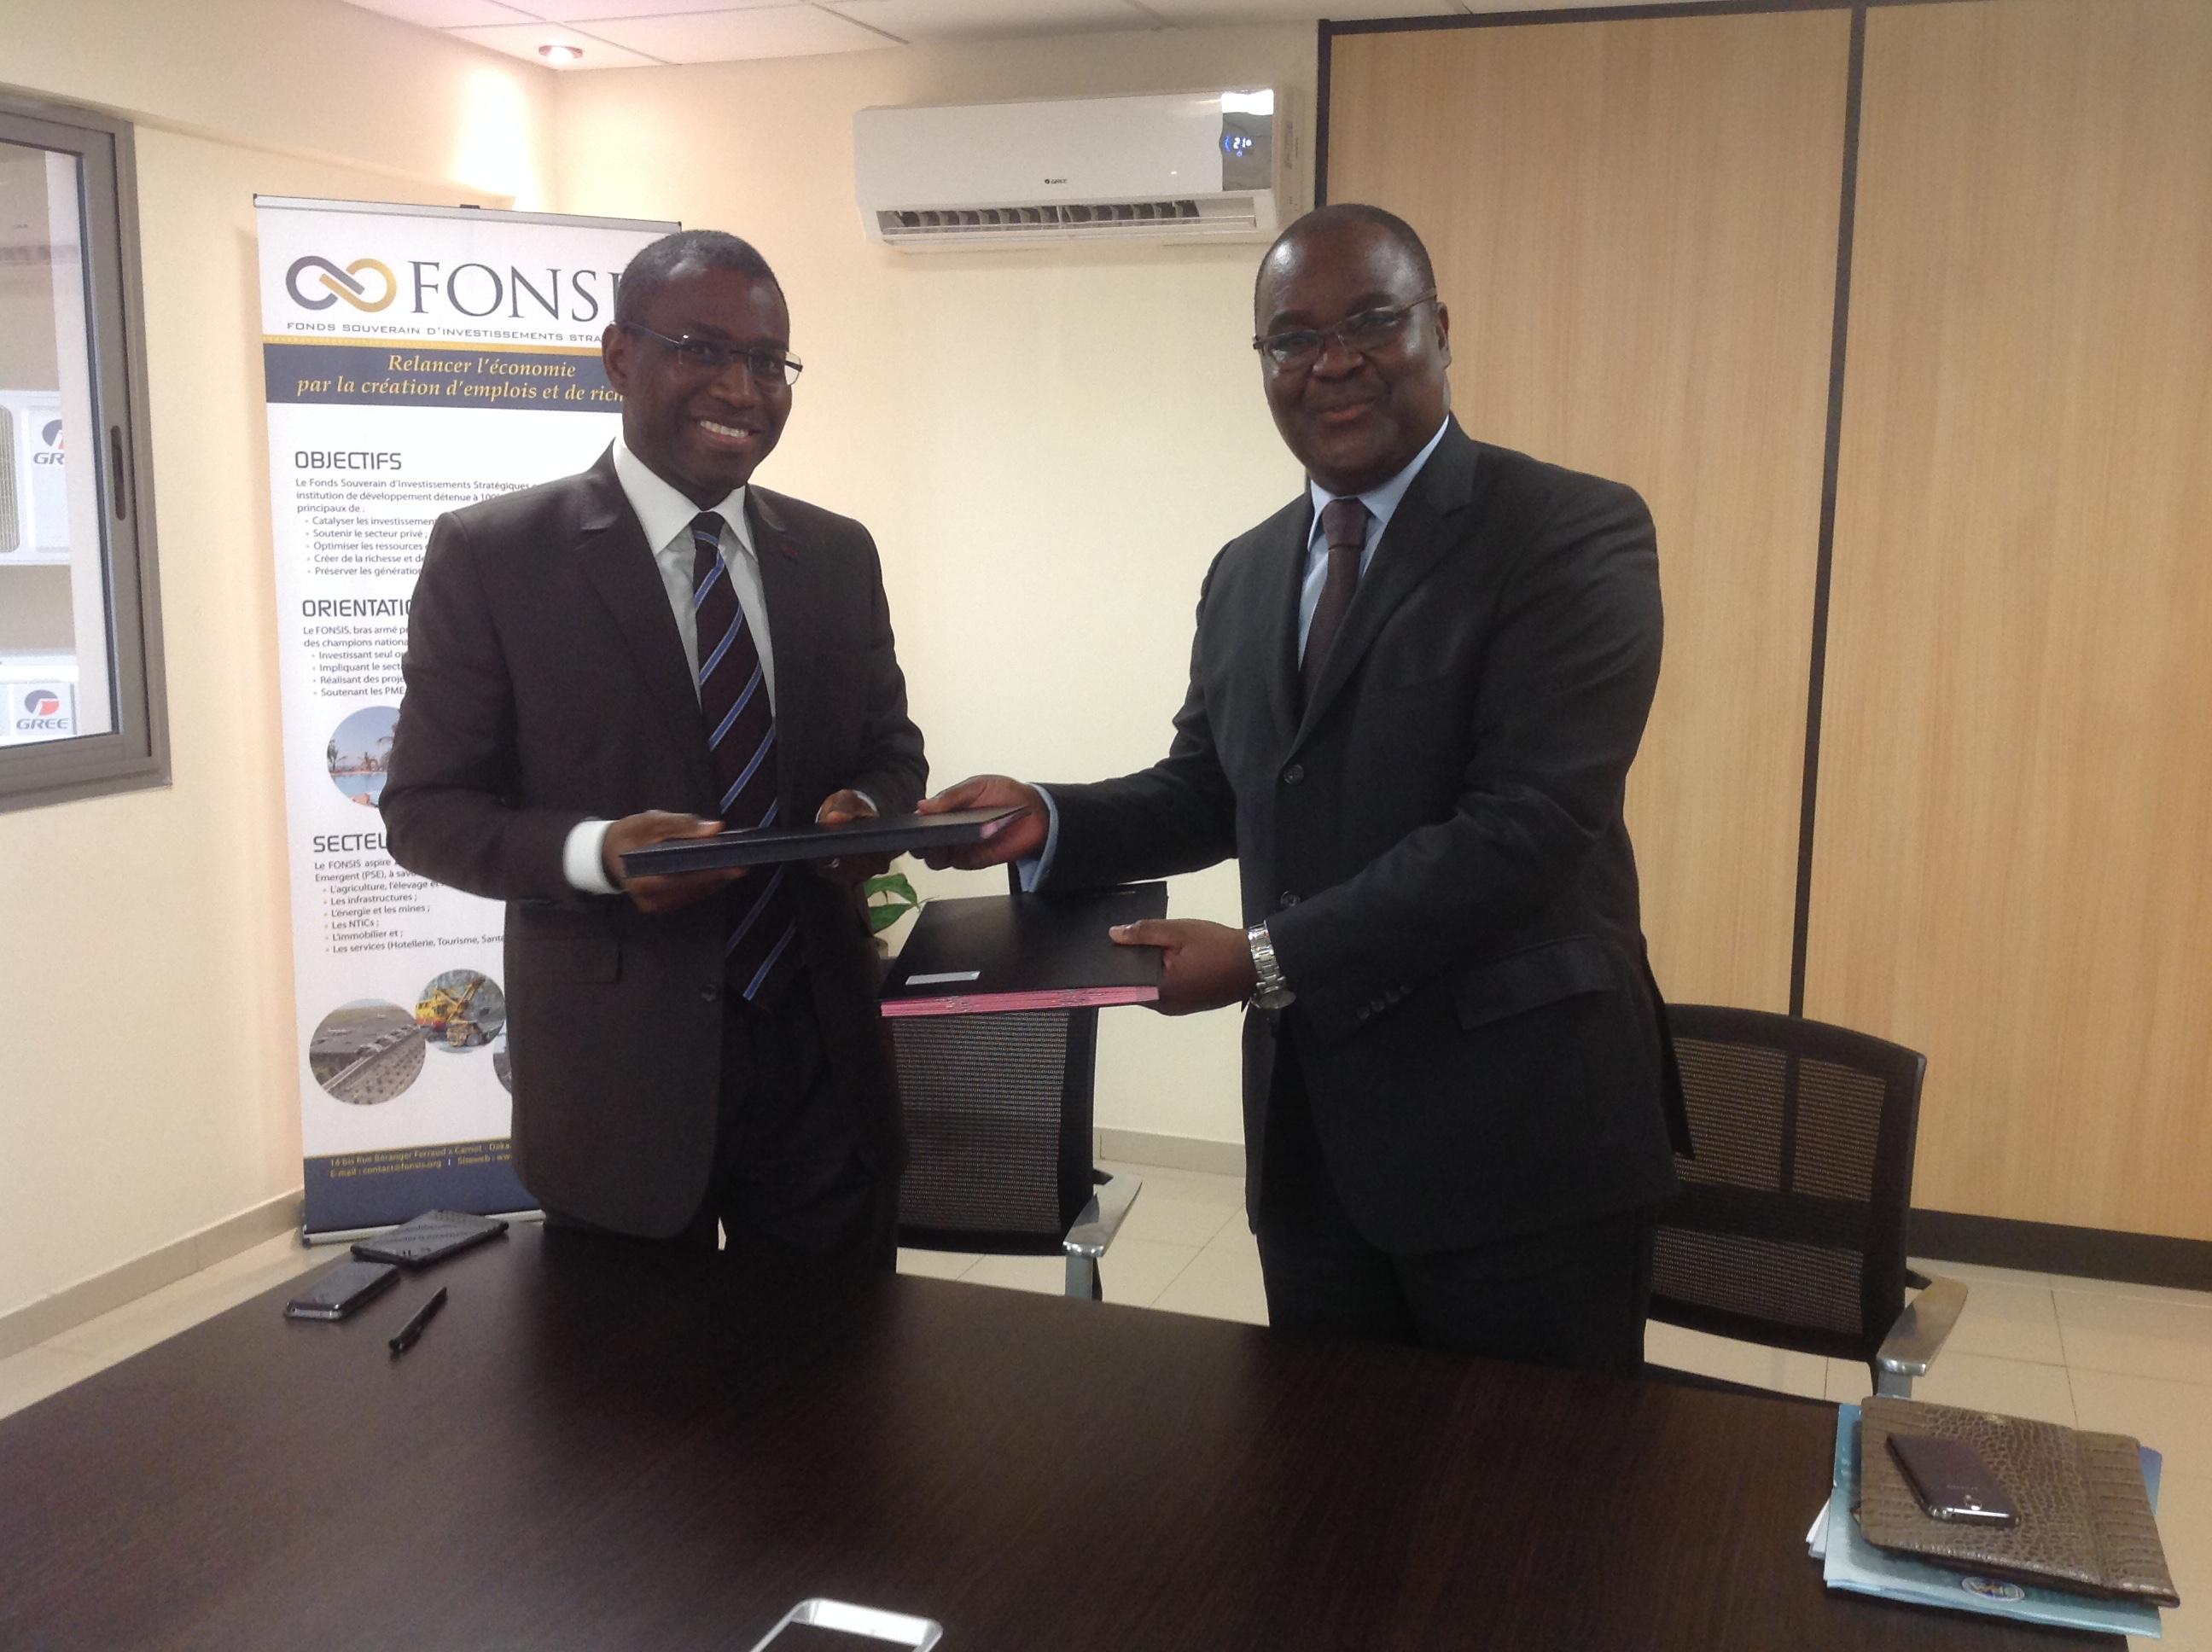 De gauche à droite, Amadou Hott directeur général du Fonsis et  Edoh Kossi AMENOUNVE, directeur général de la BRVM